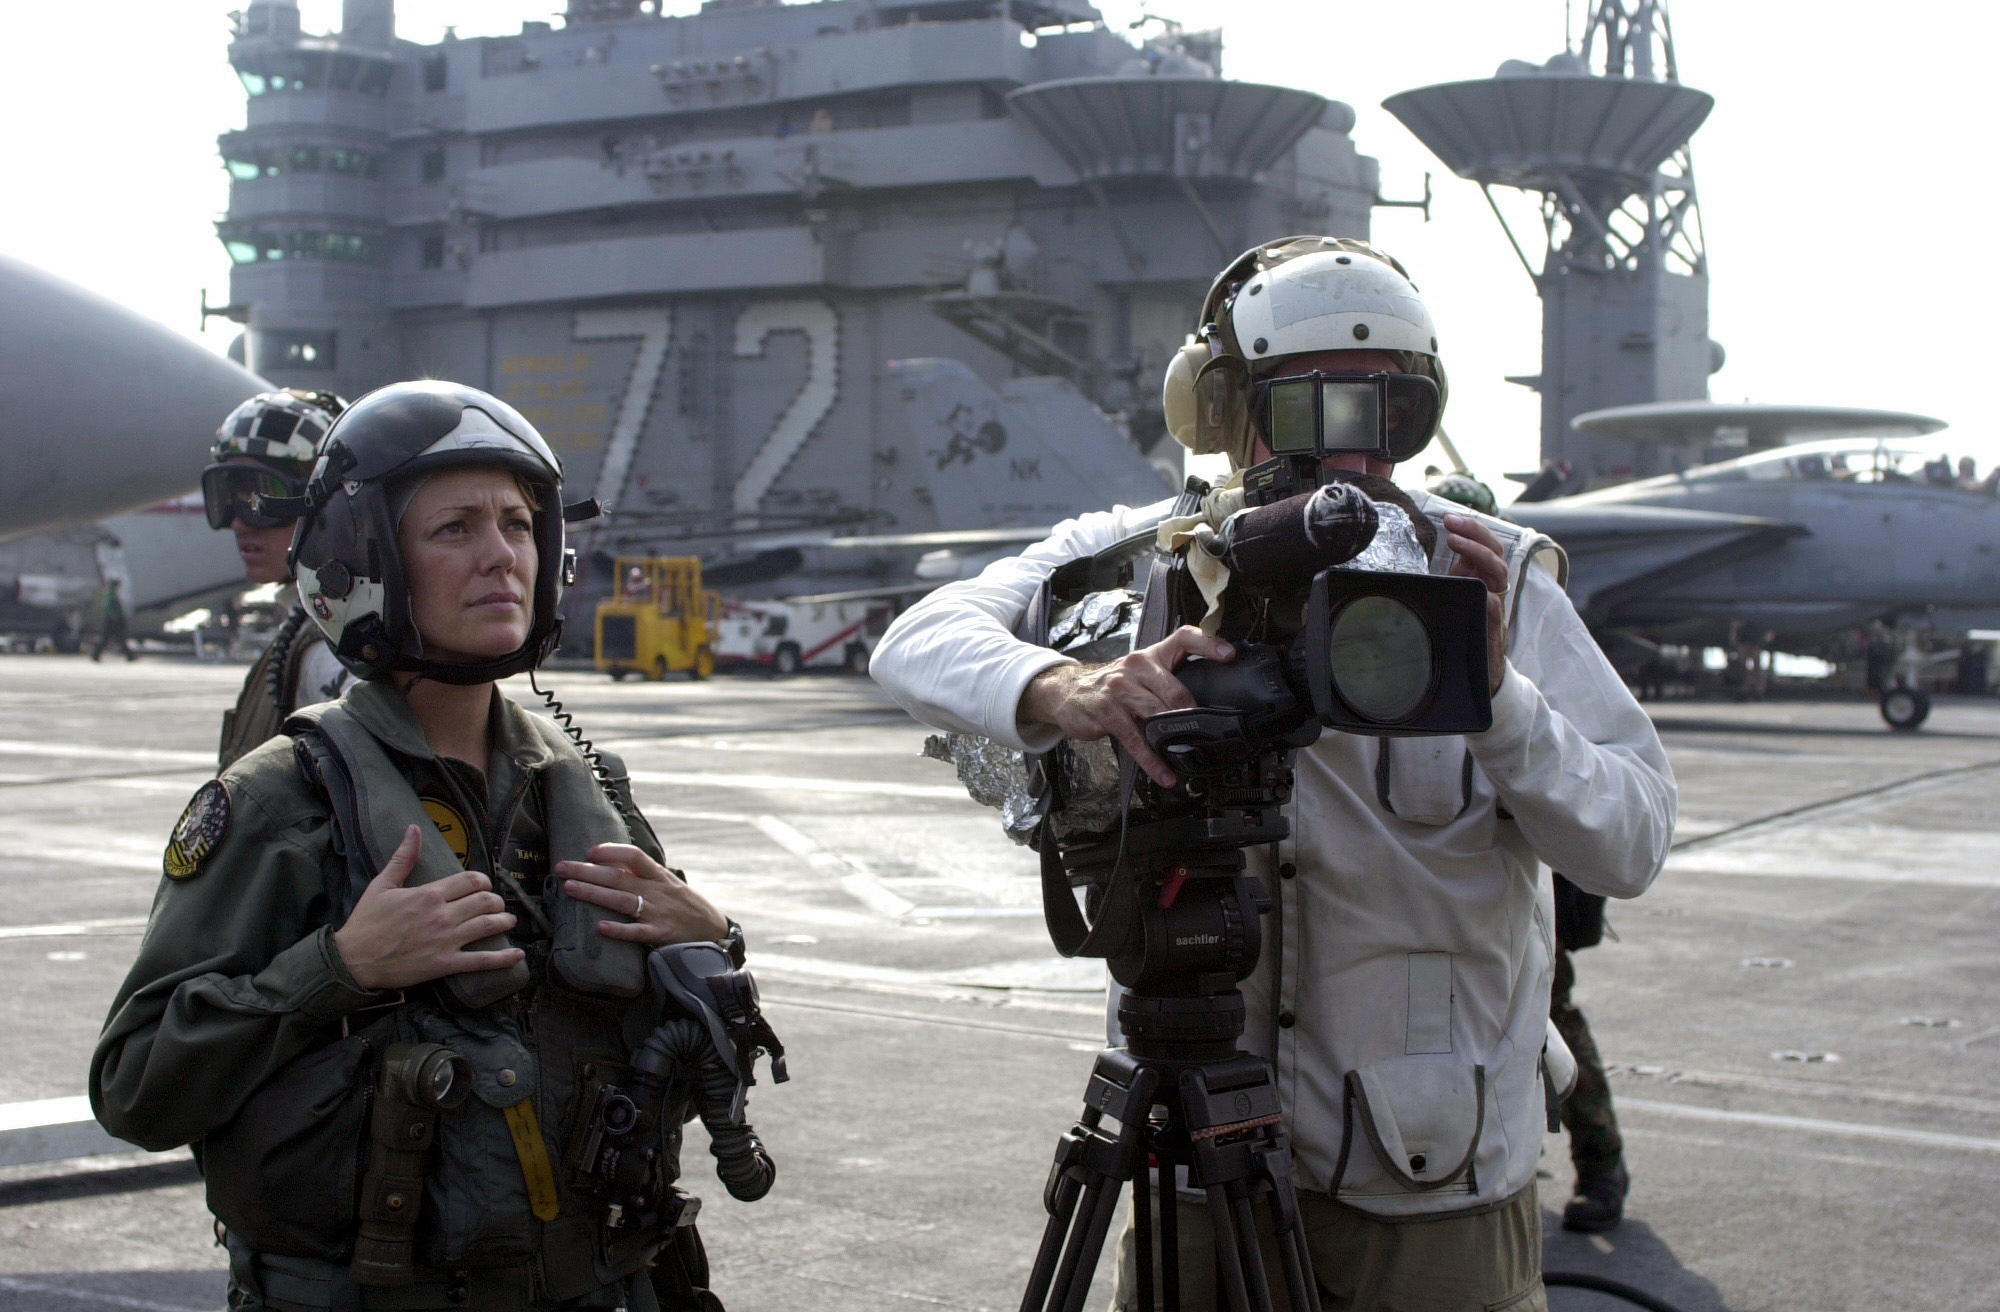 US Navy, Kyra Phillips